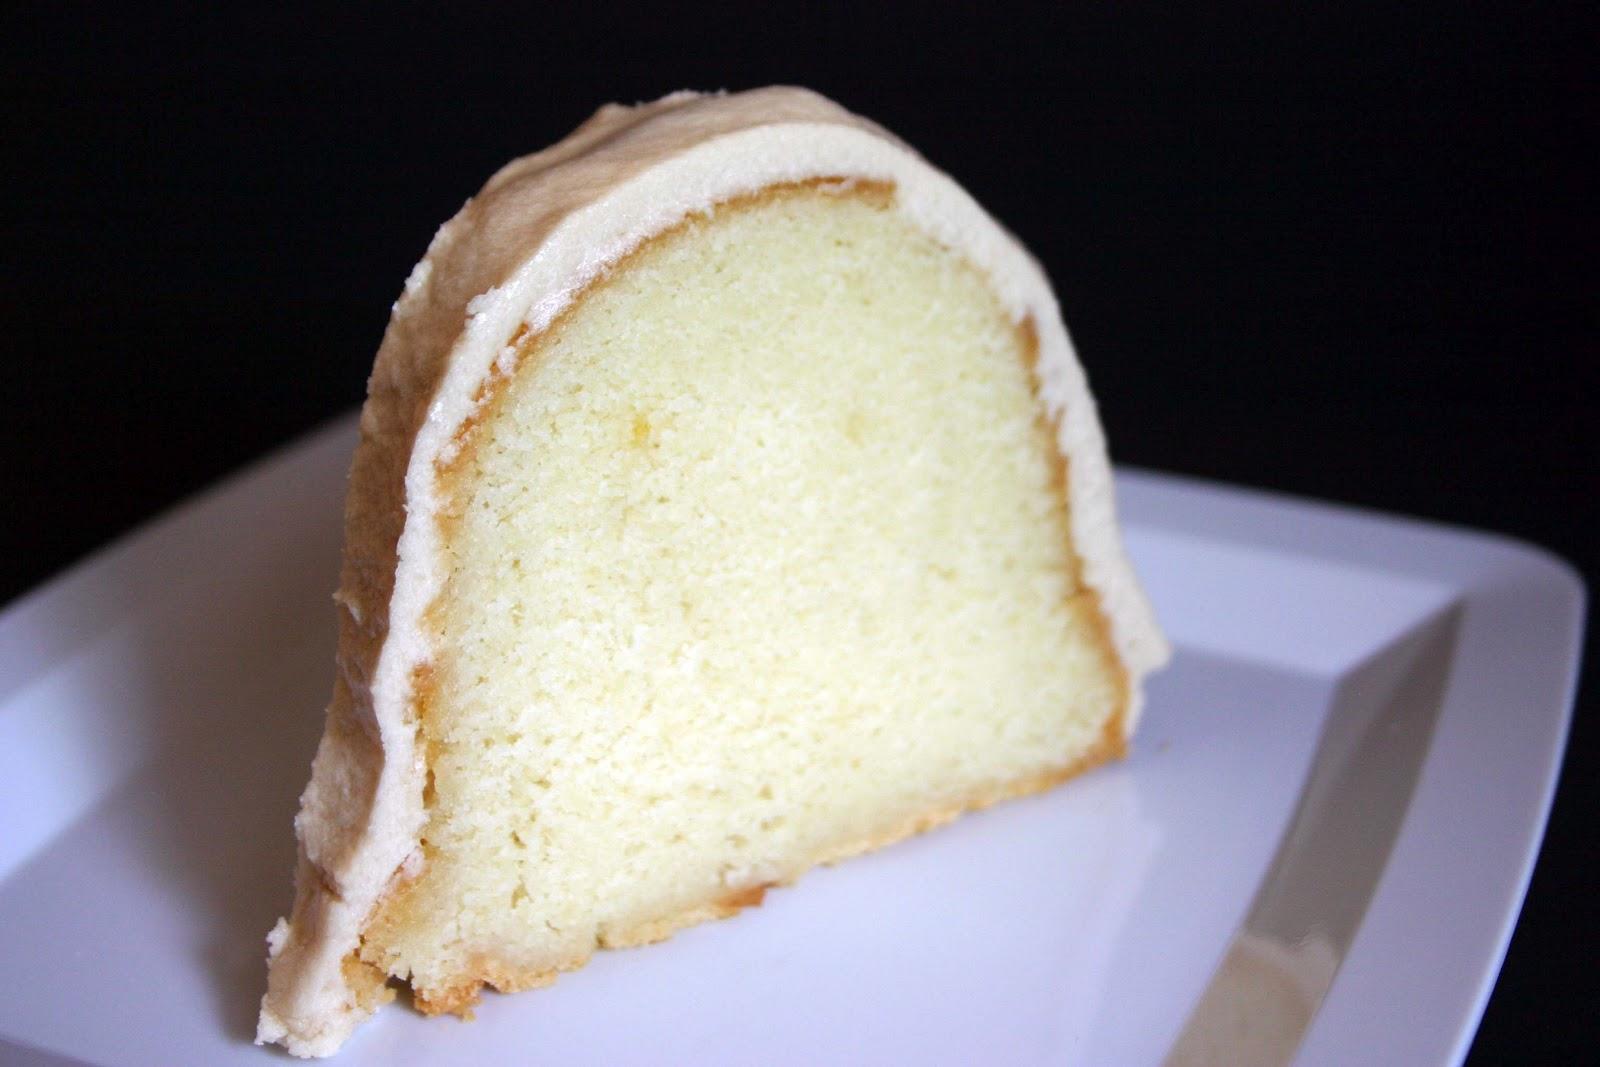 Should I Refrigerate Bundt Cake